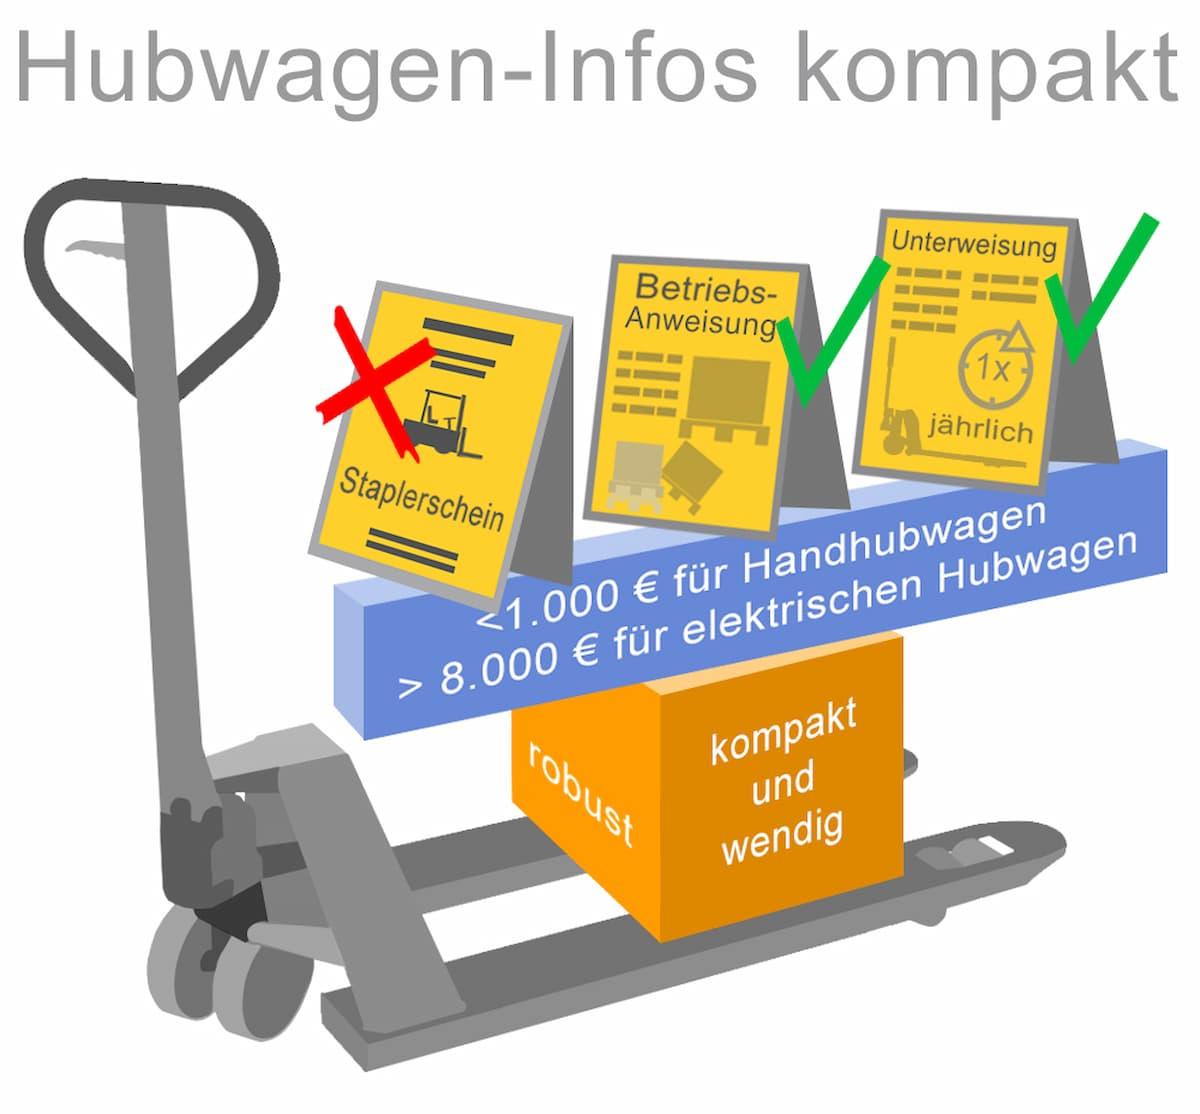 Hubwagen: Ein Flurfördermittelschein ist in der Regel nicht notwendig